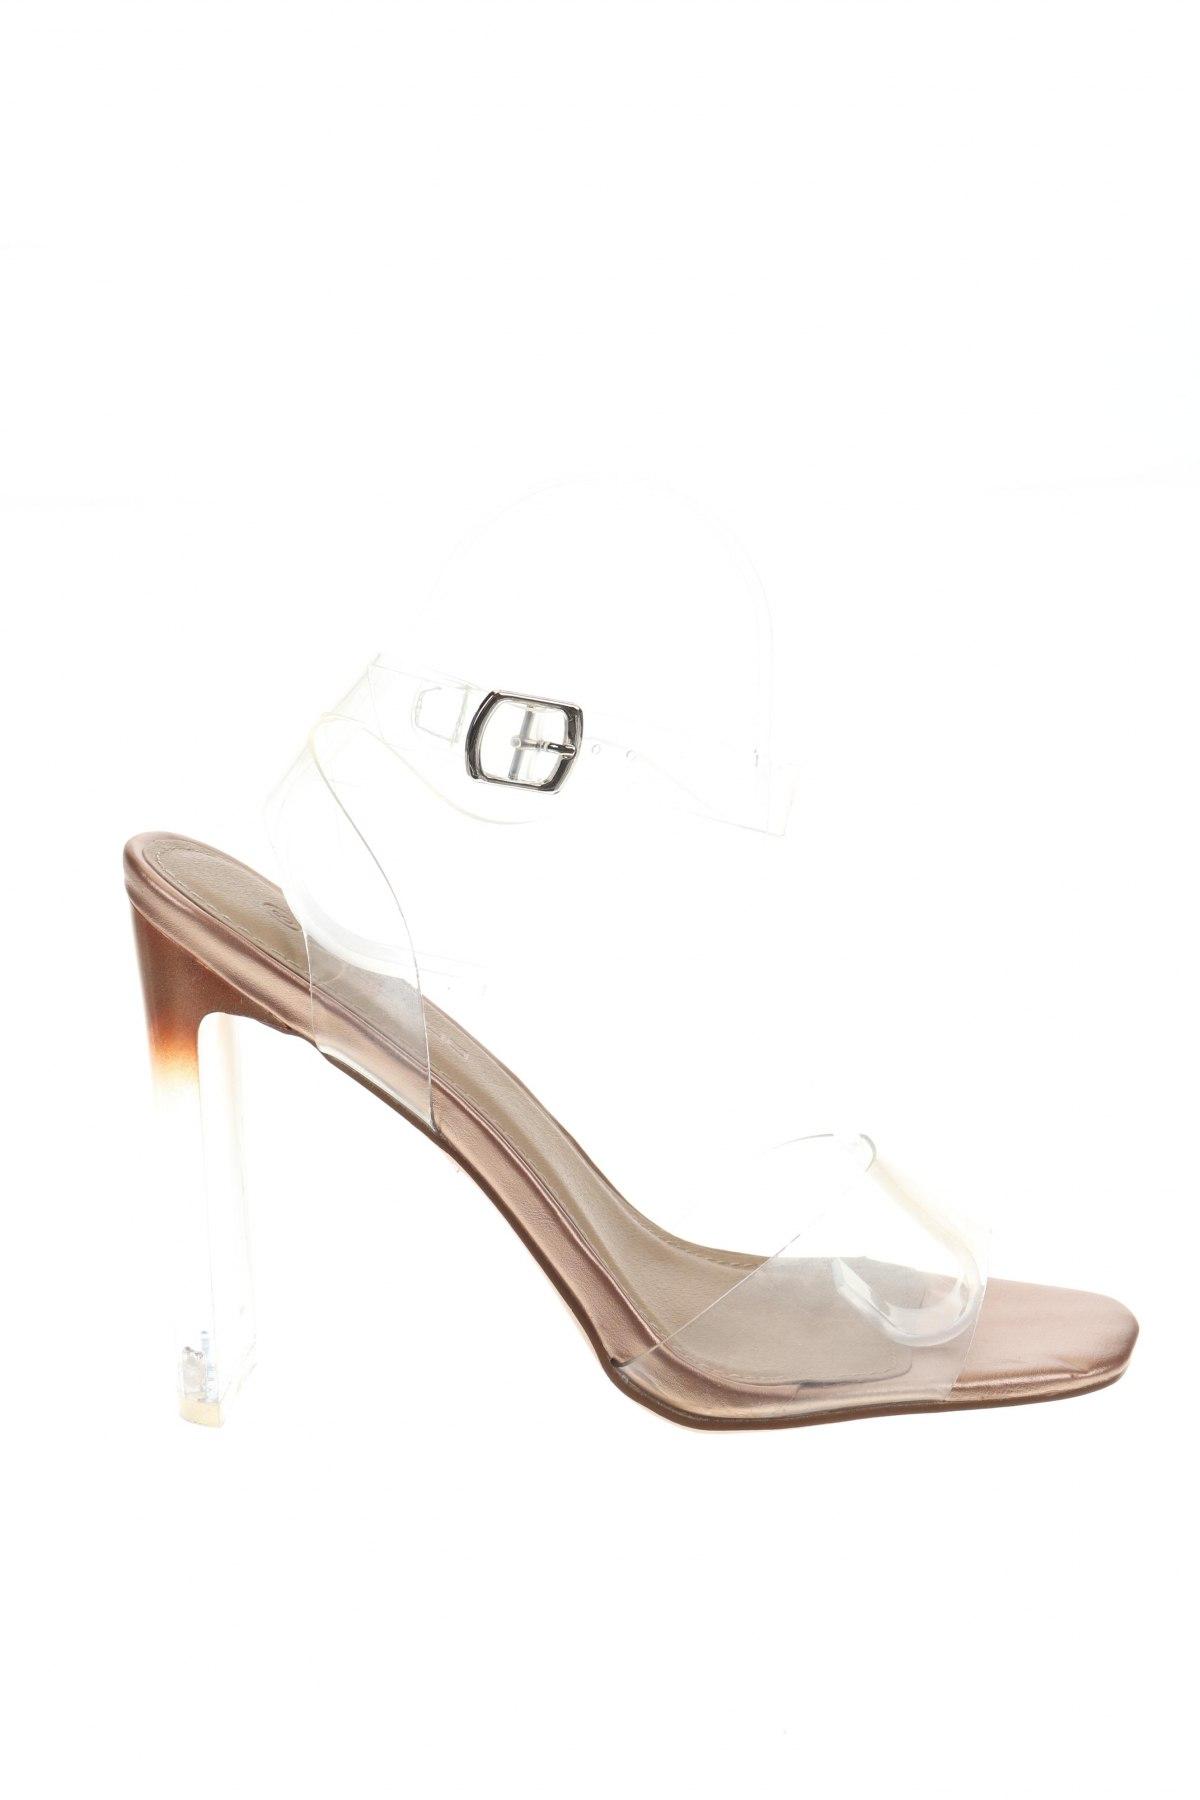 Σανδάλια Boohoo, Μέγεθος 40, Χρώμα Λευκό, Πολυουρεθάνης, Τιμή 16,73€